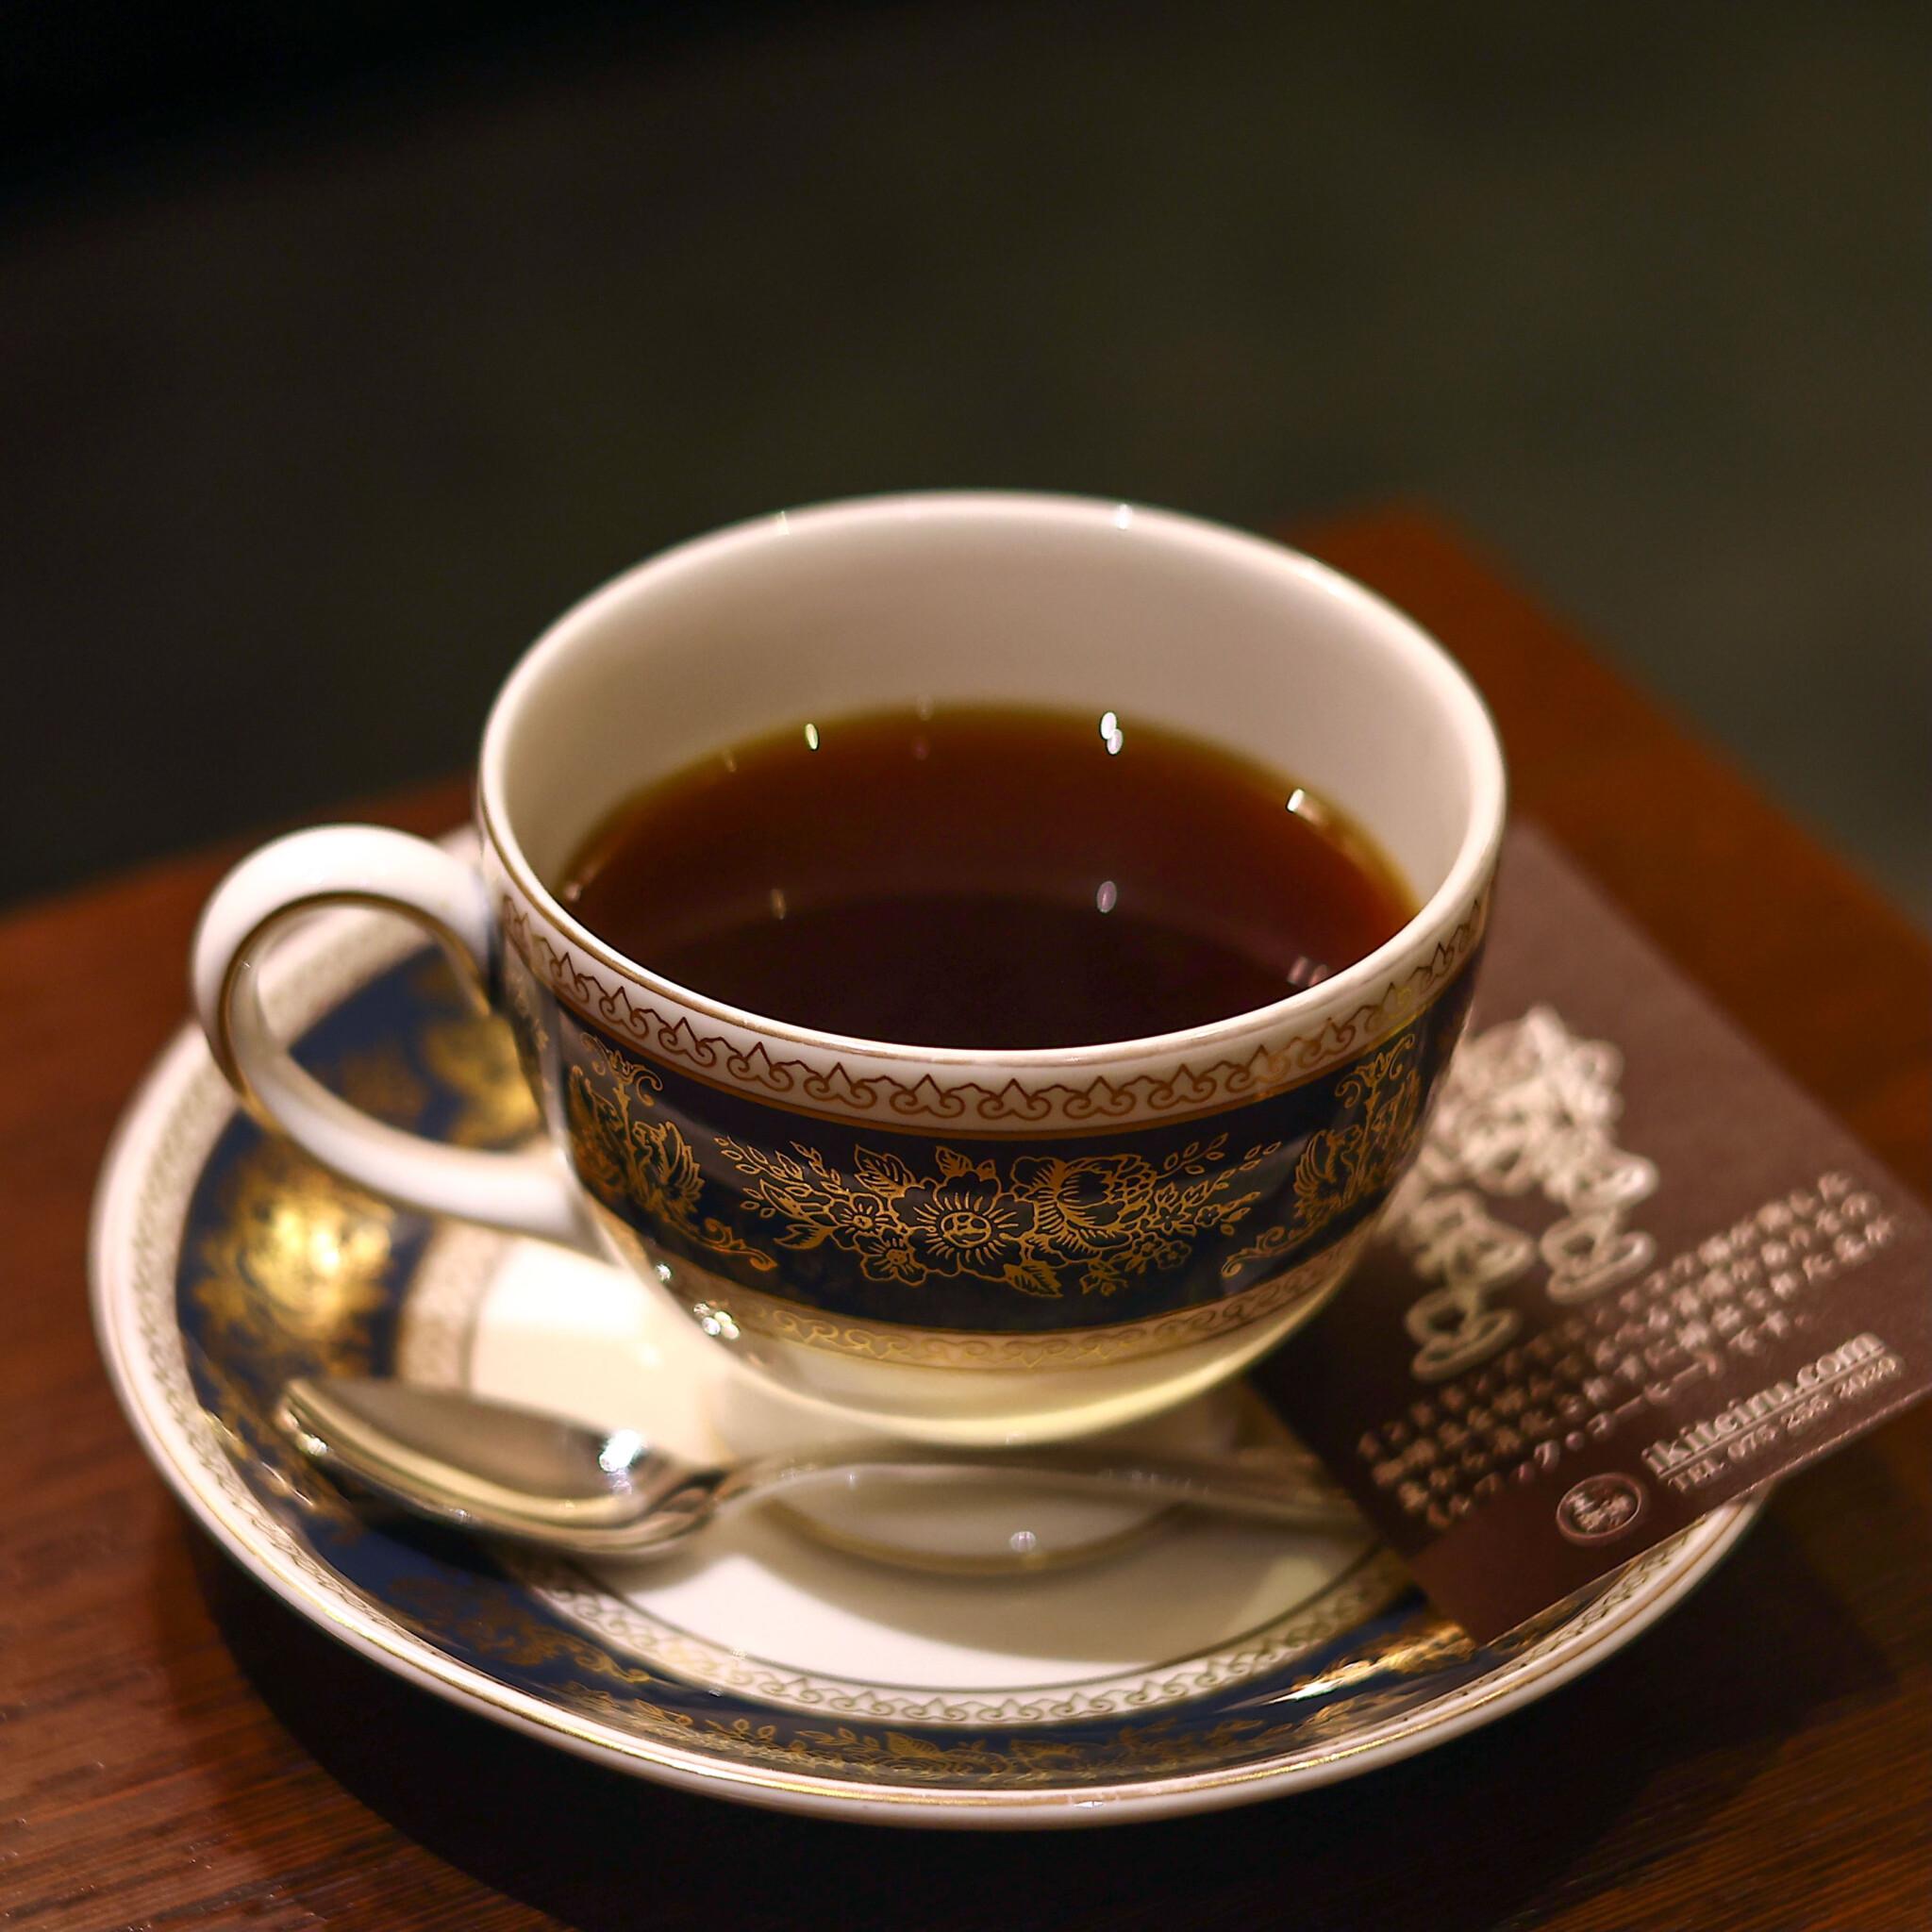 【京都】丁寧に淹れられた珈琲と、おいしいスイーツ。地下にある喫茶店〈生きている珈琲〉へ。